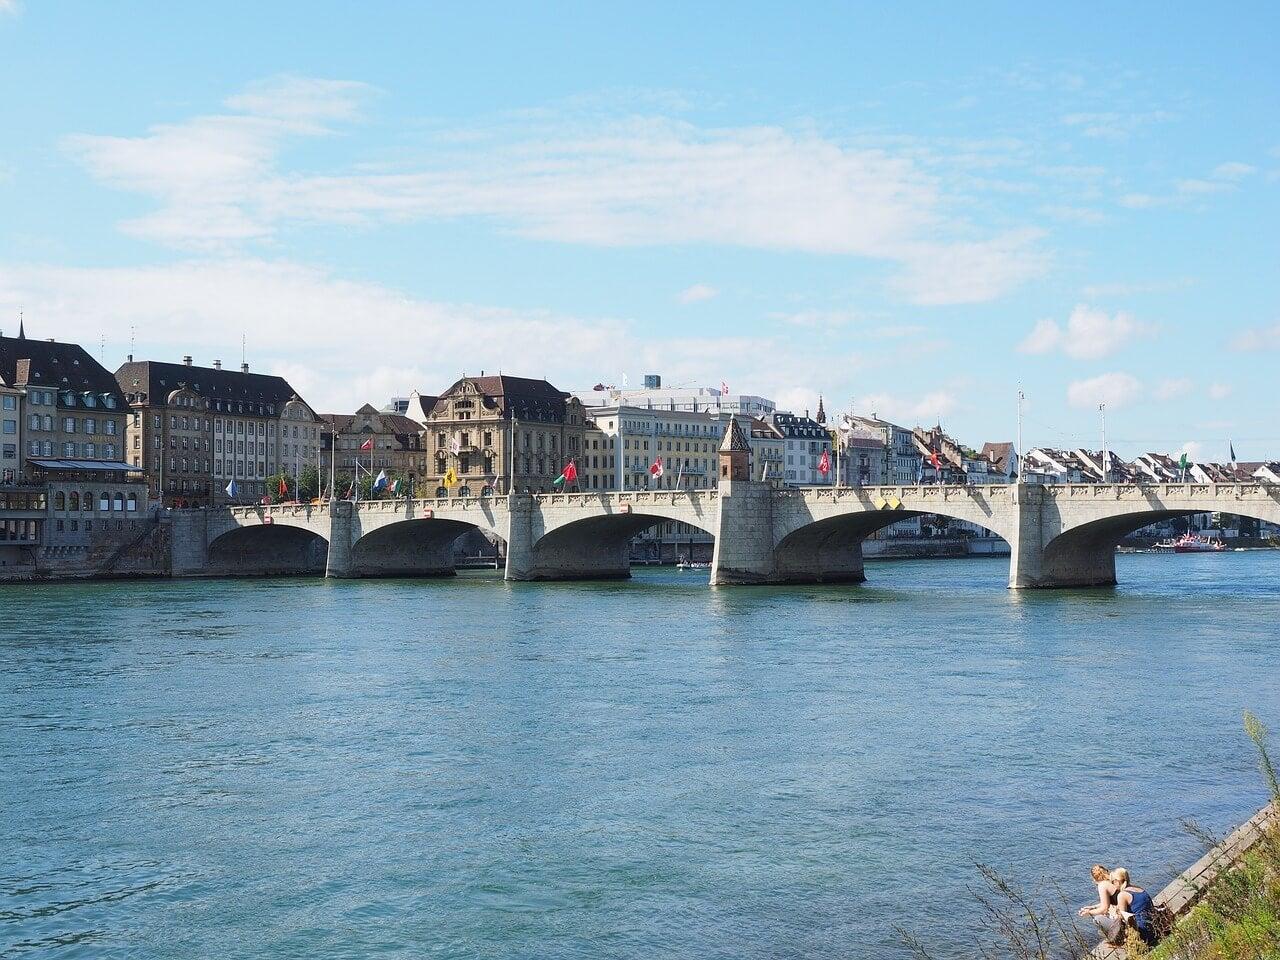 Río Rhin